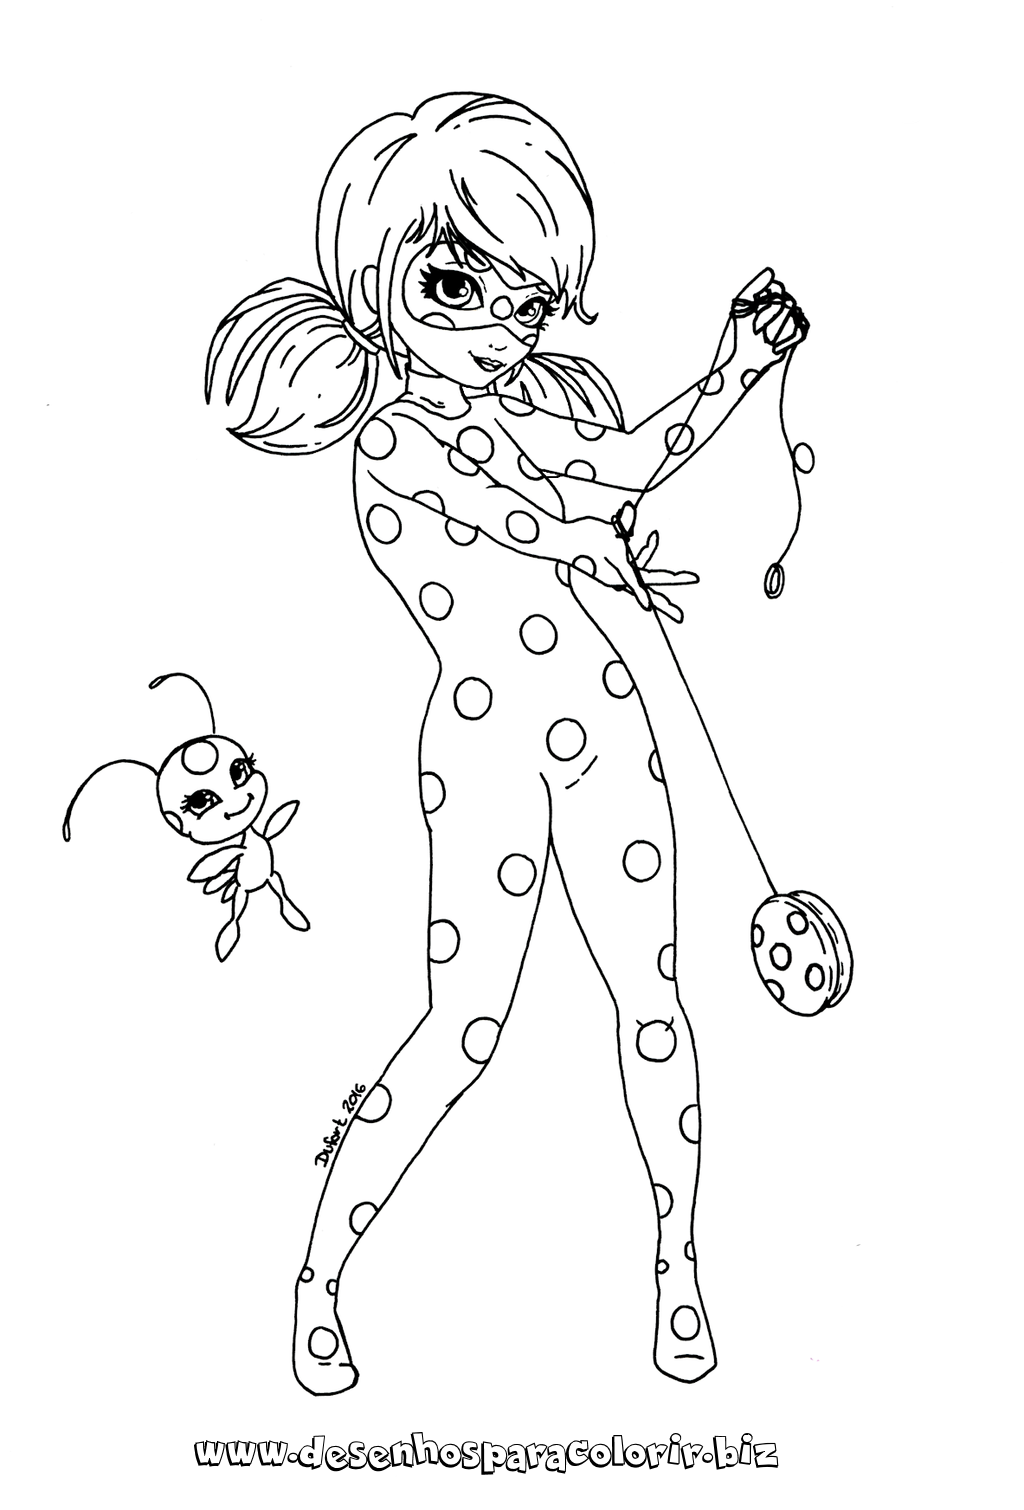 Miraculous ladybug para pintar colorir e imprimir anivers rio coloriage ladybug coloriage - Dessin a colorier ladybug et chat noir ...